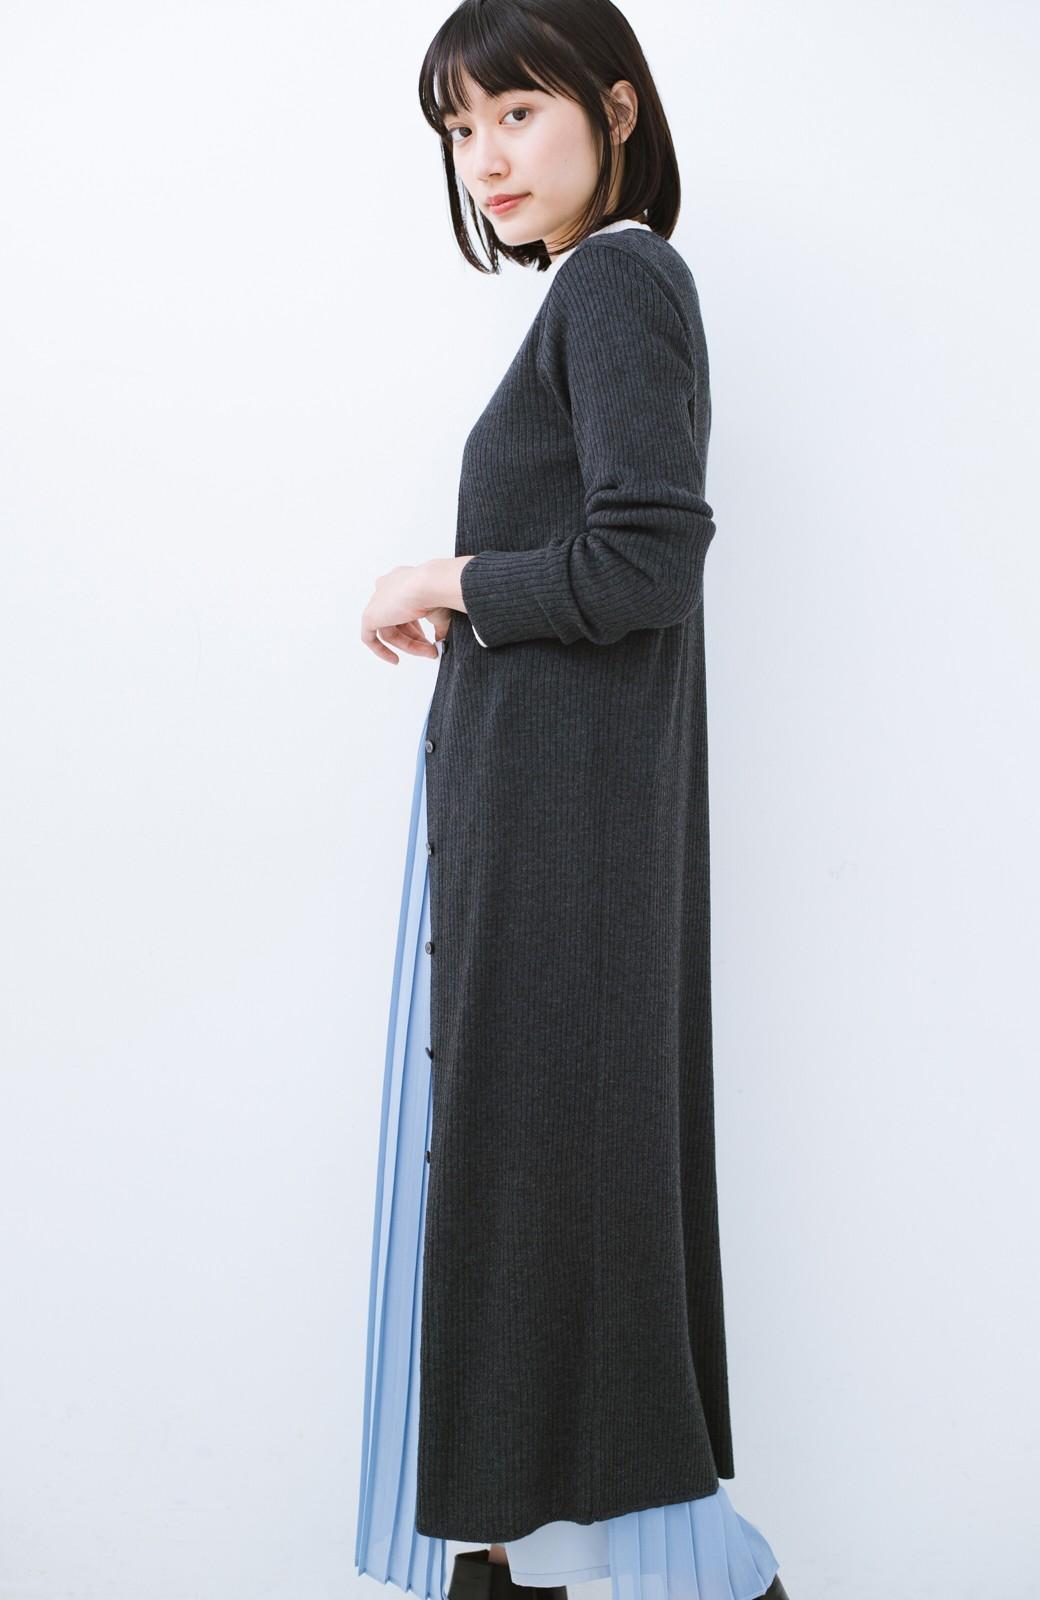 haco! 美シルエットがうれしい着方自由のオトナリブニットカーディガン by MAKORI <チャコールグレー>の商品写真17